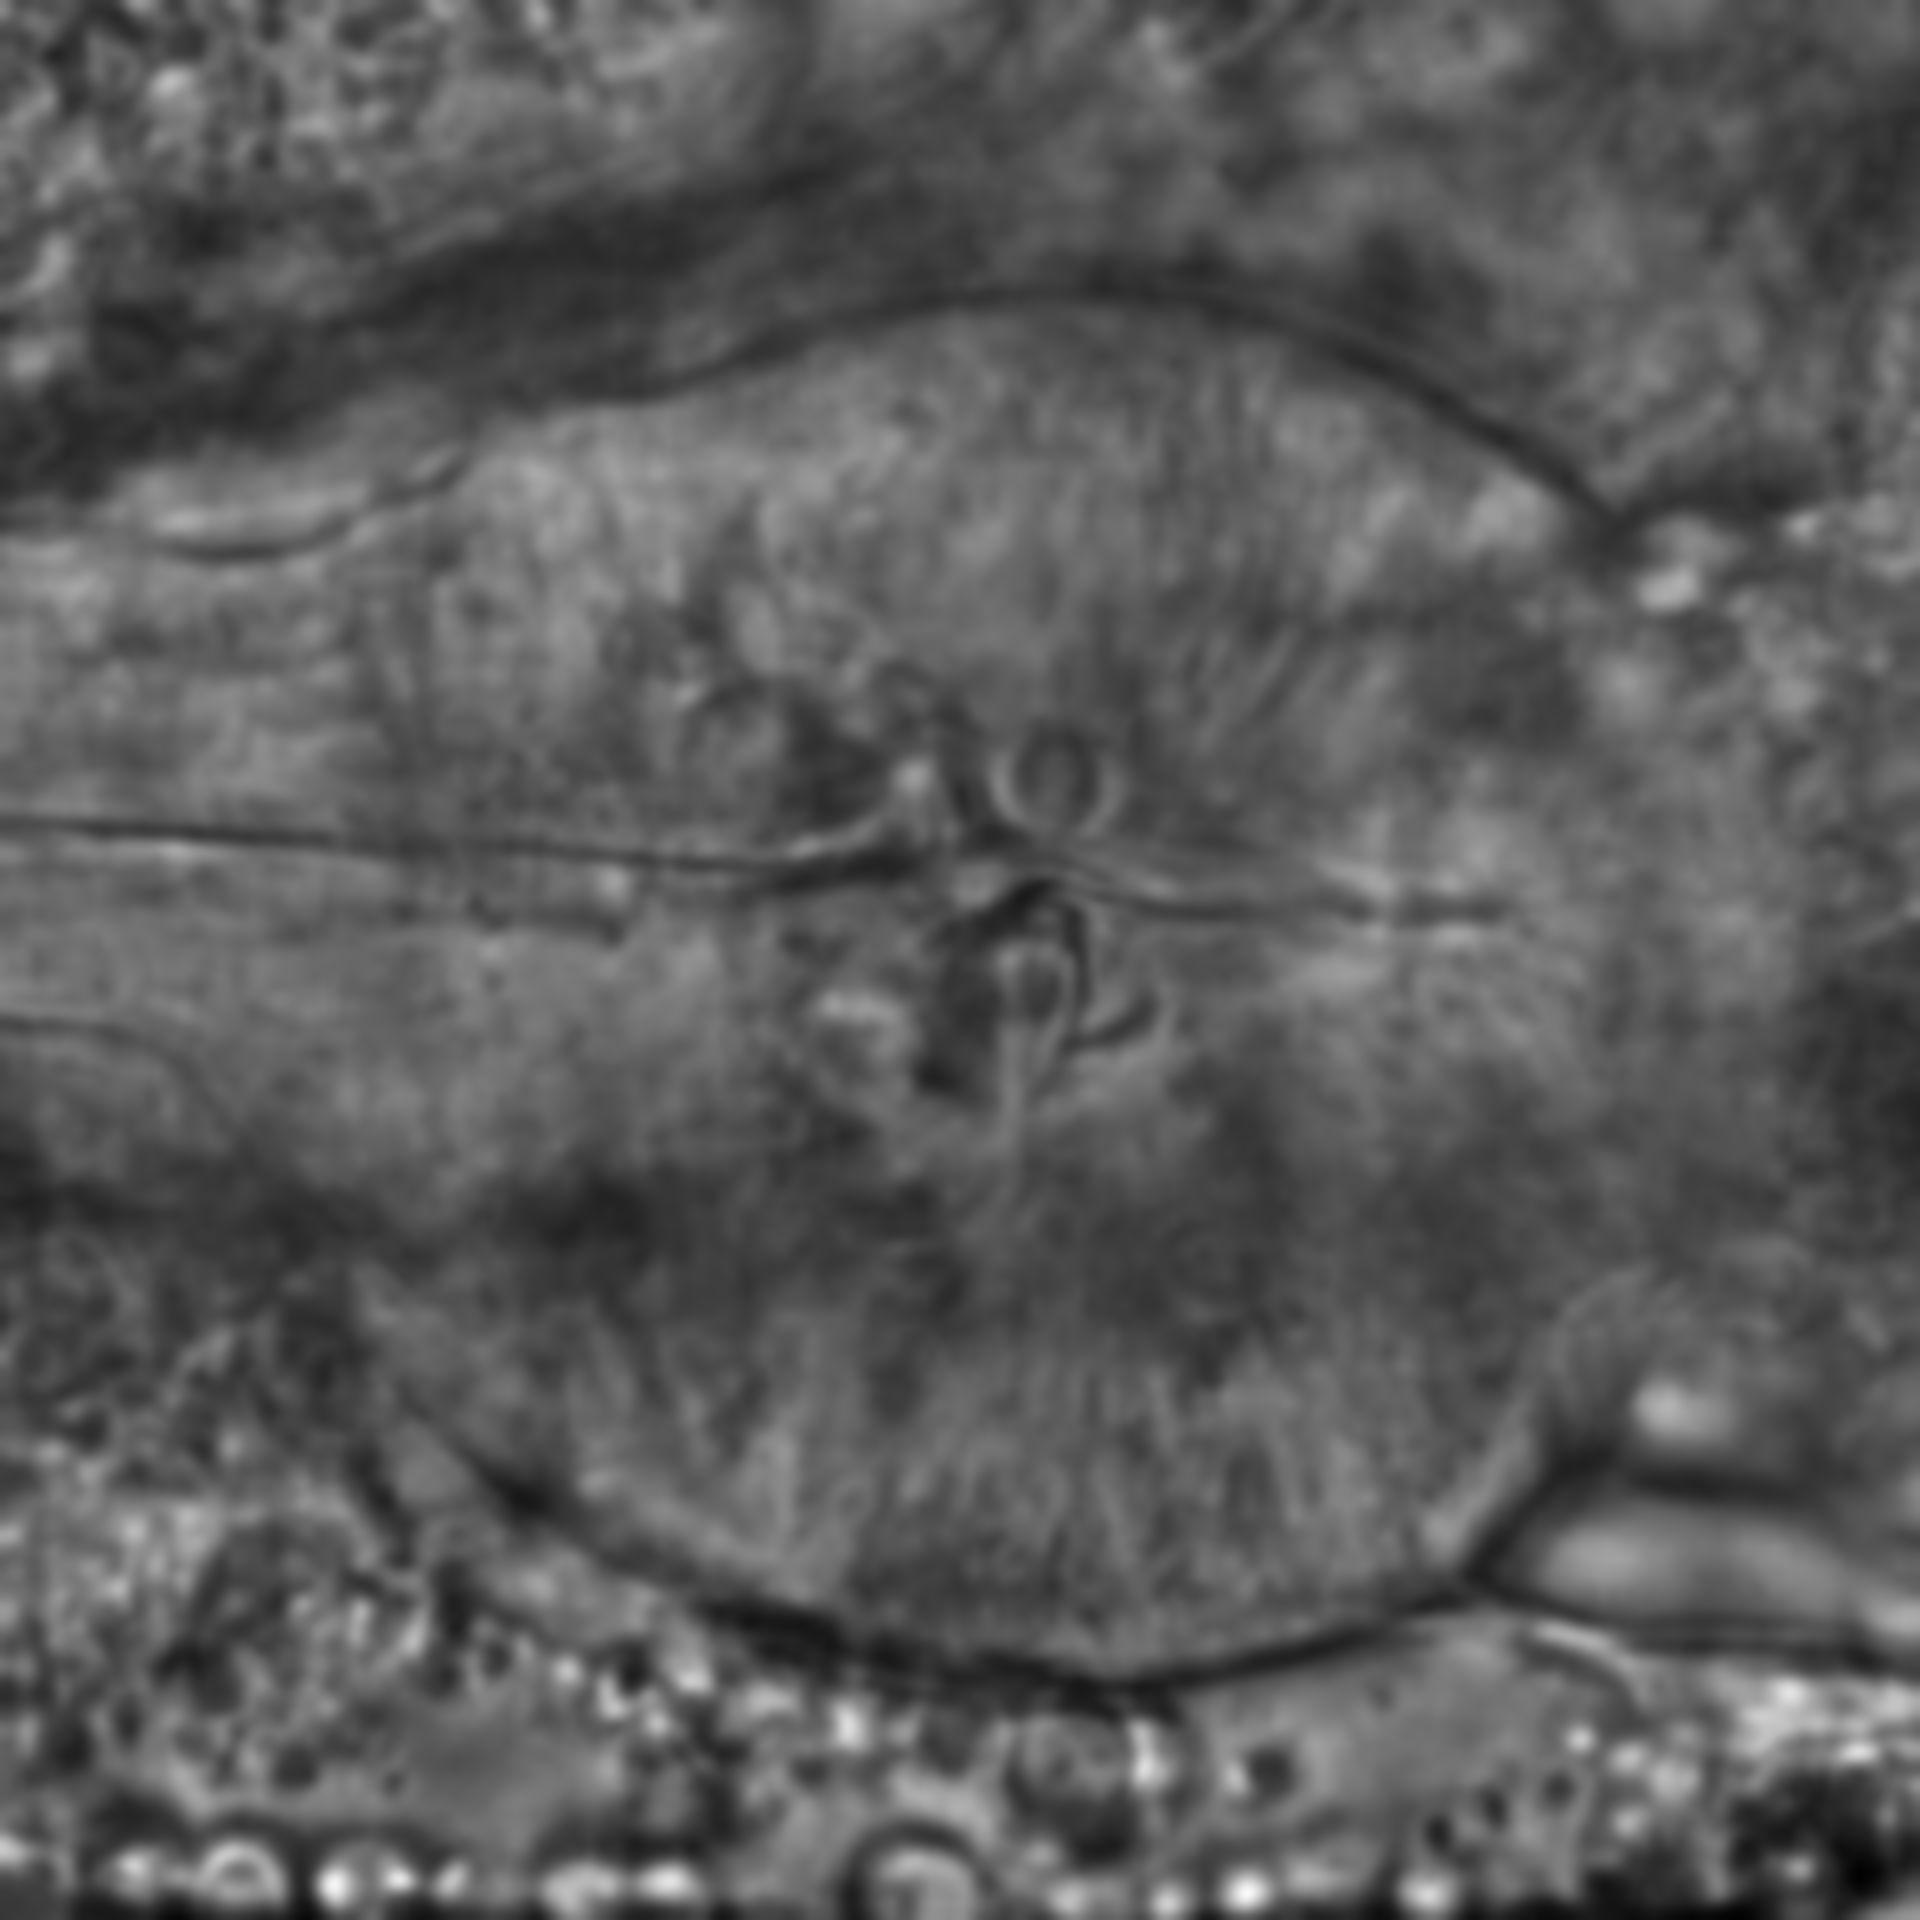 Caenorhabditis elegans - CIL:2169